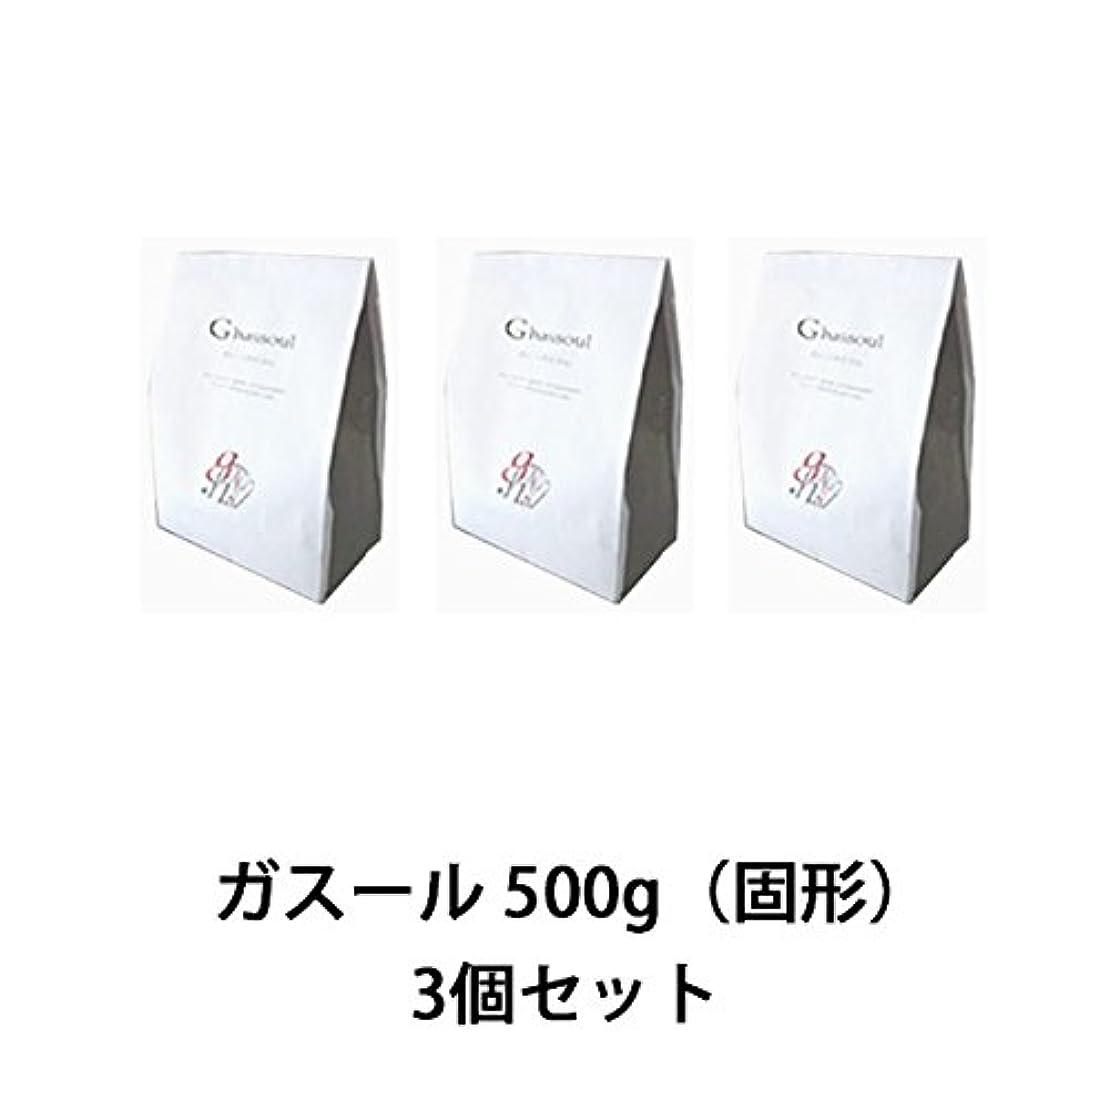 みメアリアンジョーンズロイヤリティ【ナイアード】ガスール 固形 500g ×3個セット